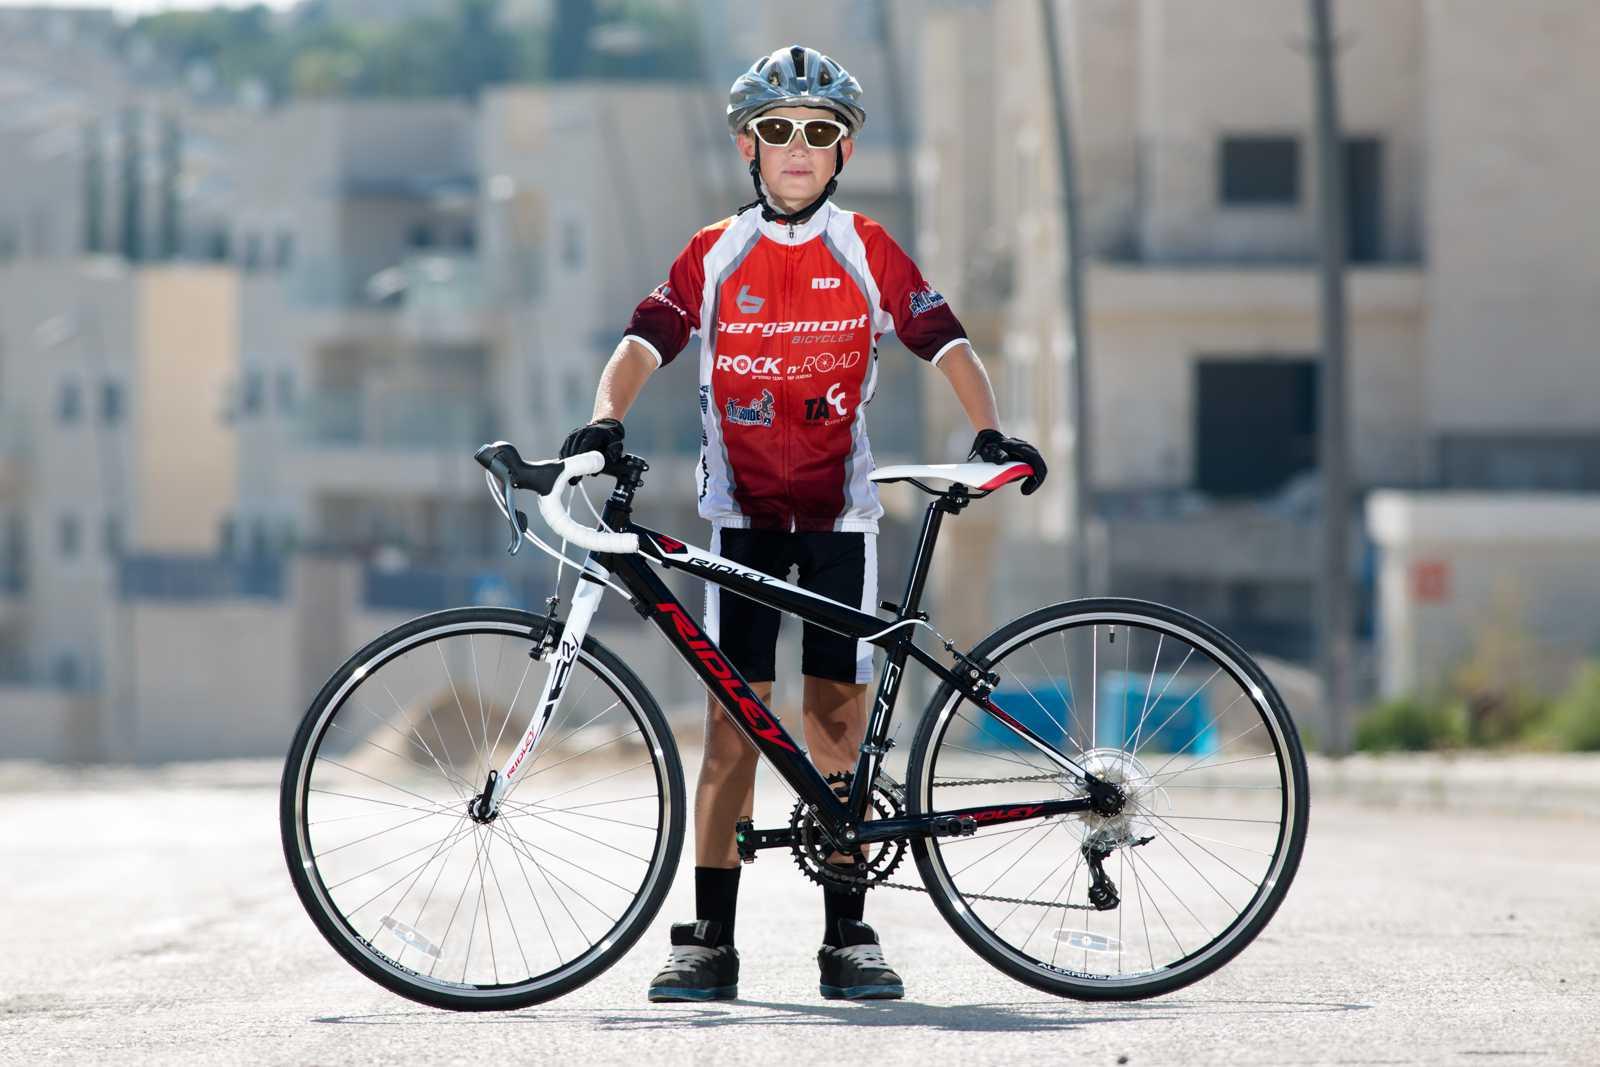 אופניים מקצועיים לילדים. כמו הרידלי שבצילום אופניים איכותיים לילד יבטיחו שתהיה שניכם חוויה חיובית ובטוחה. צילום: תומר פדר